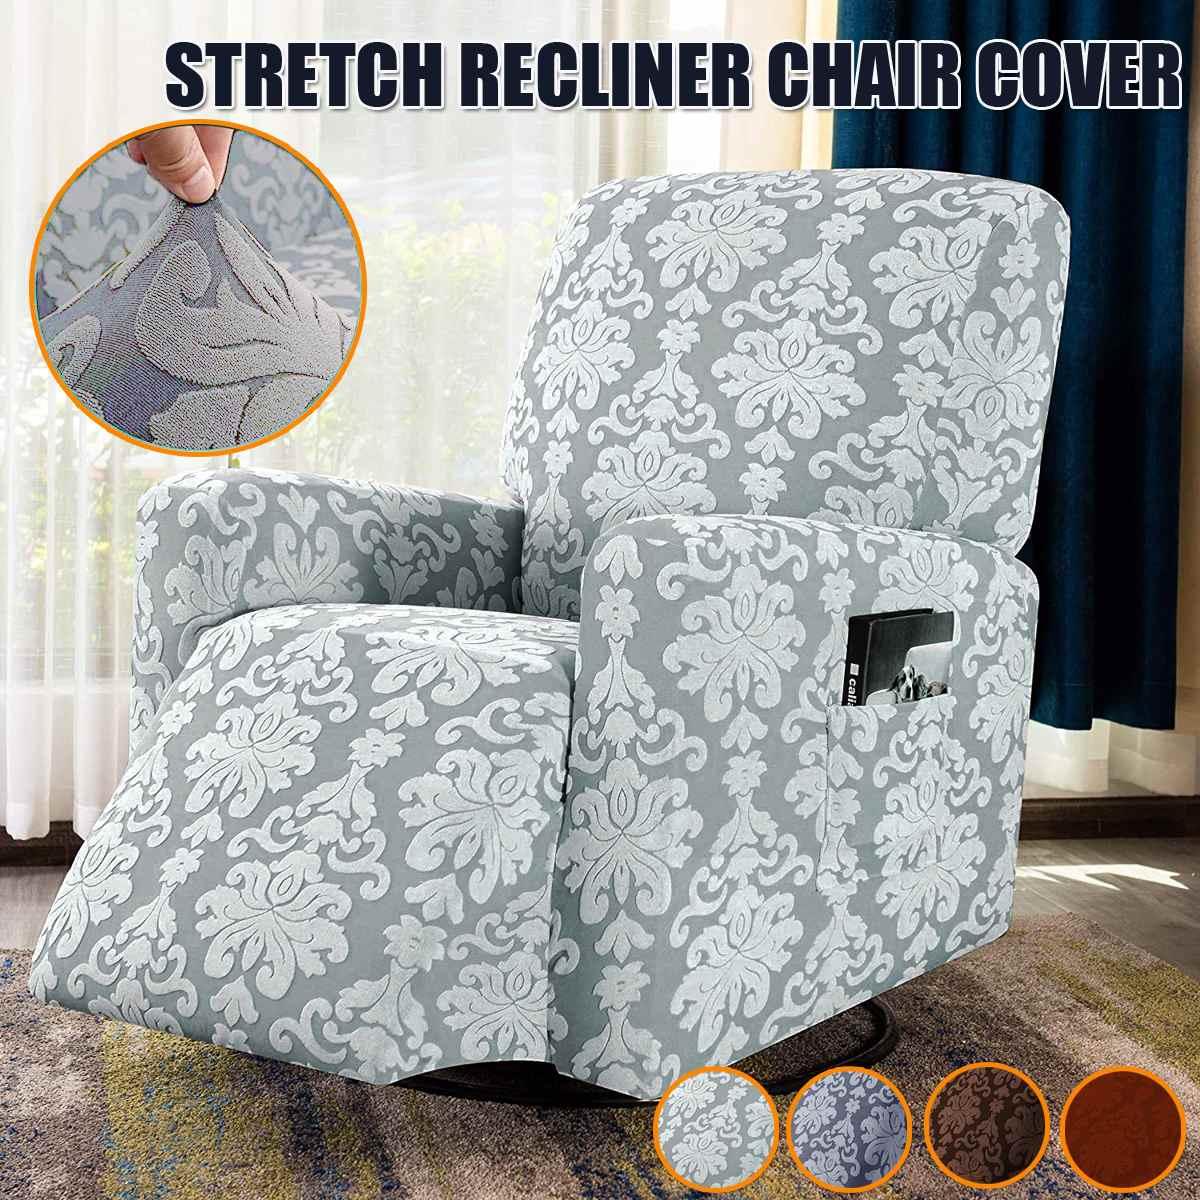 غطاء أريكة مرن قابل للتمدد ، غطاء أريكة لغرفة المعيشة ، حماية للحيوانات الأليفة ، كرسي استلقاء